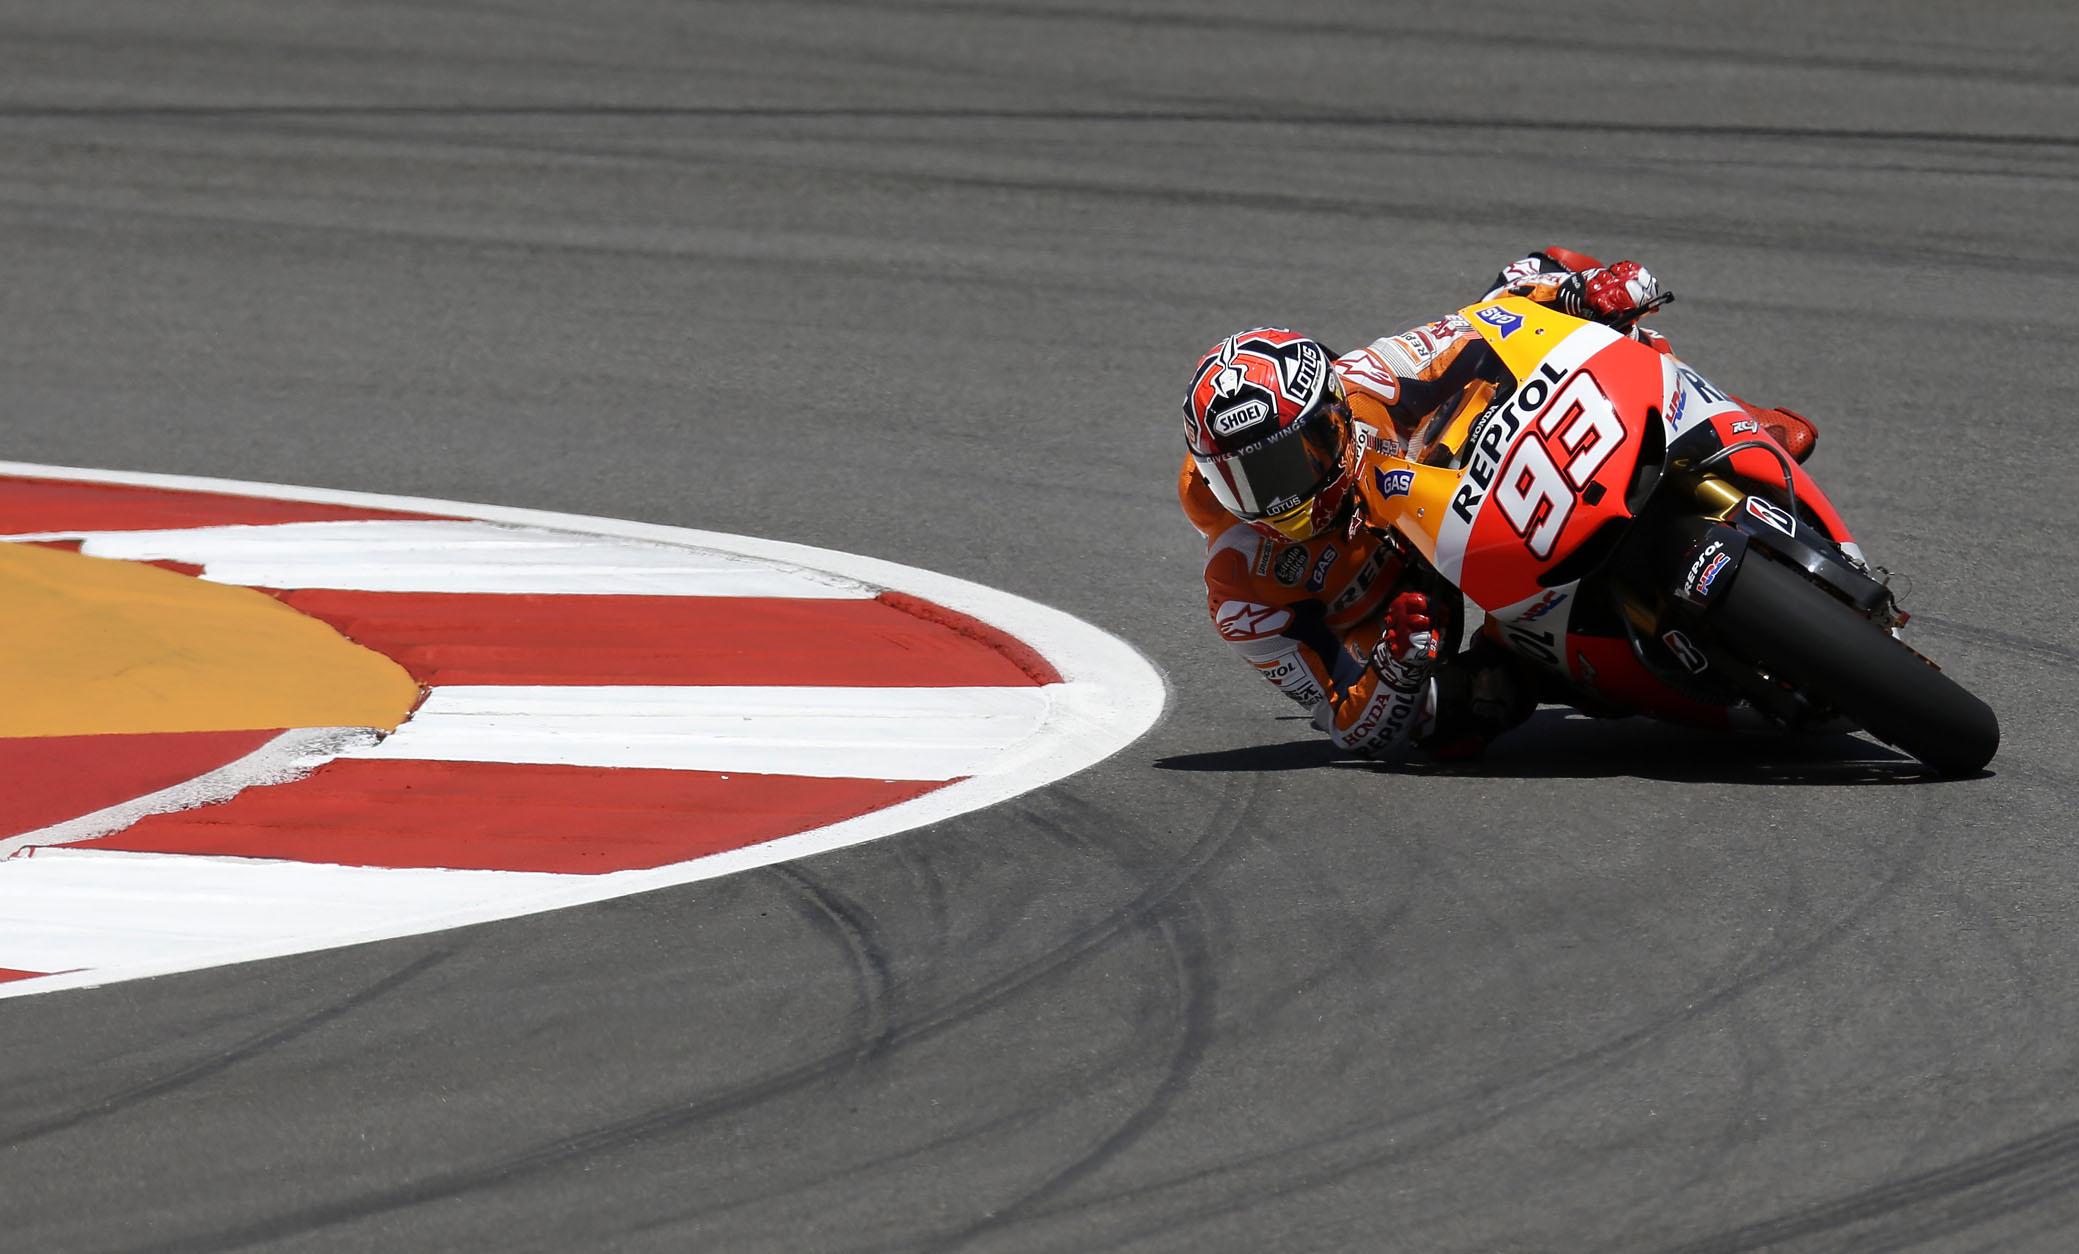 MotoGP, Austin, libere3: Marquez cade, Pedrosa lo scavalca. Vale lontano - La Gazzetta dello Sport